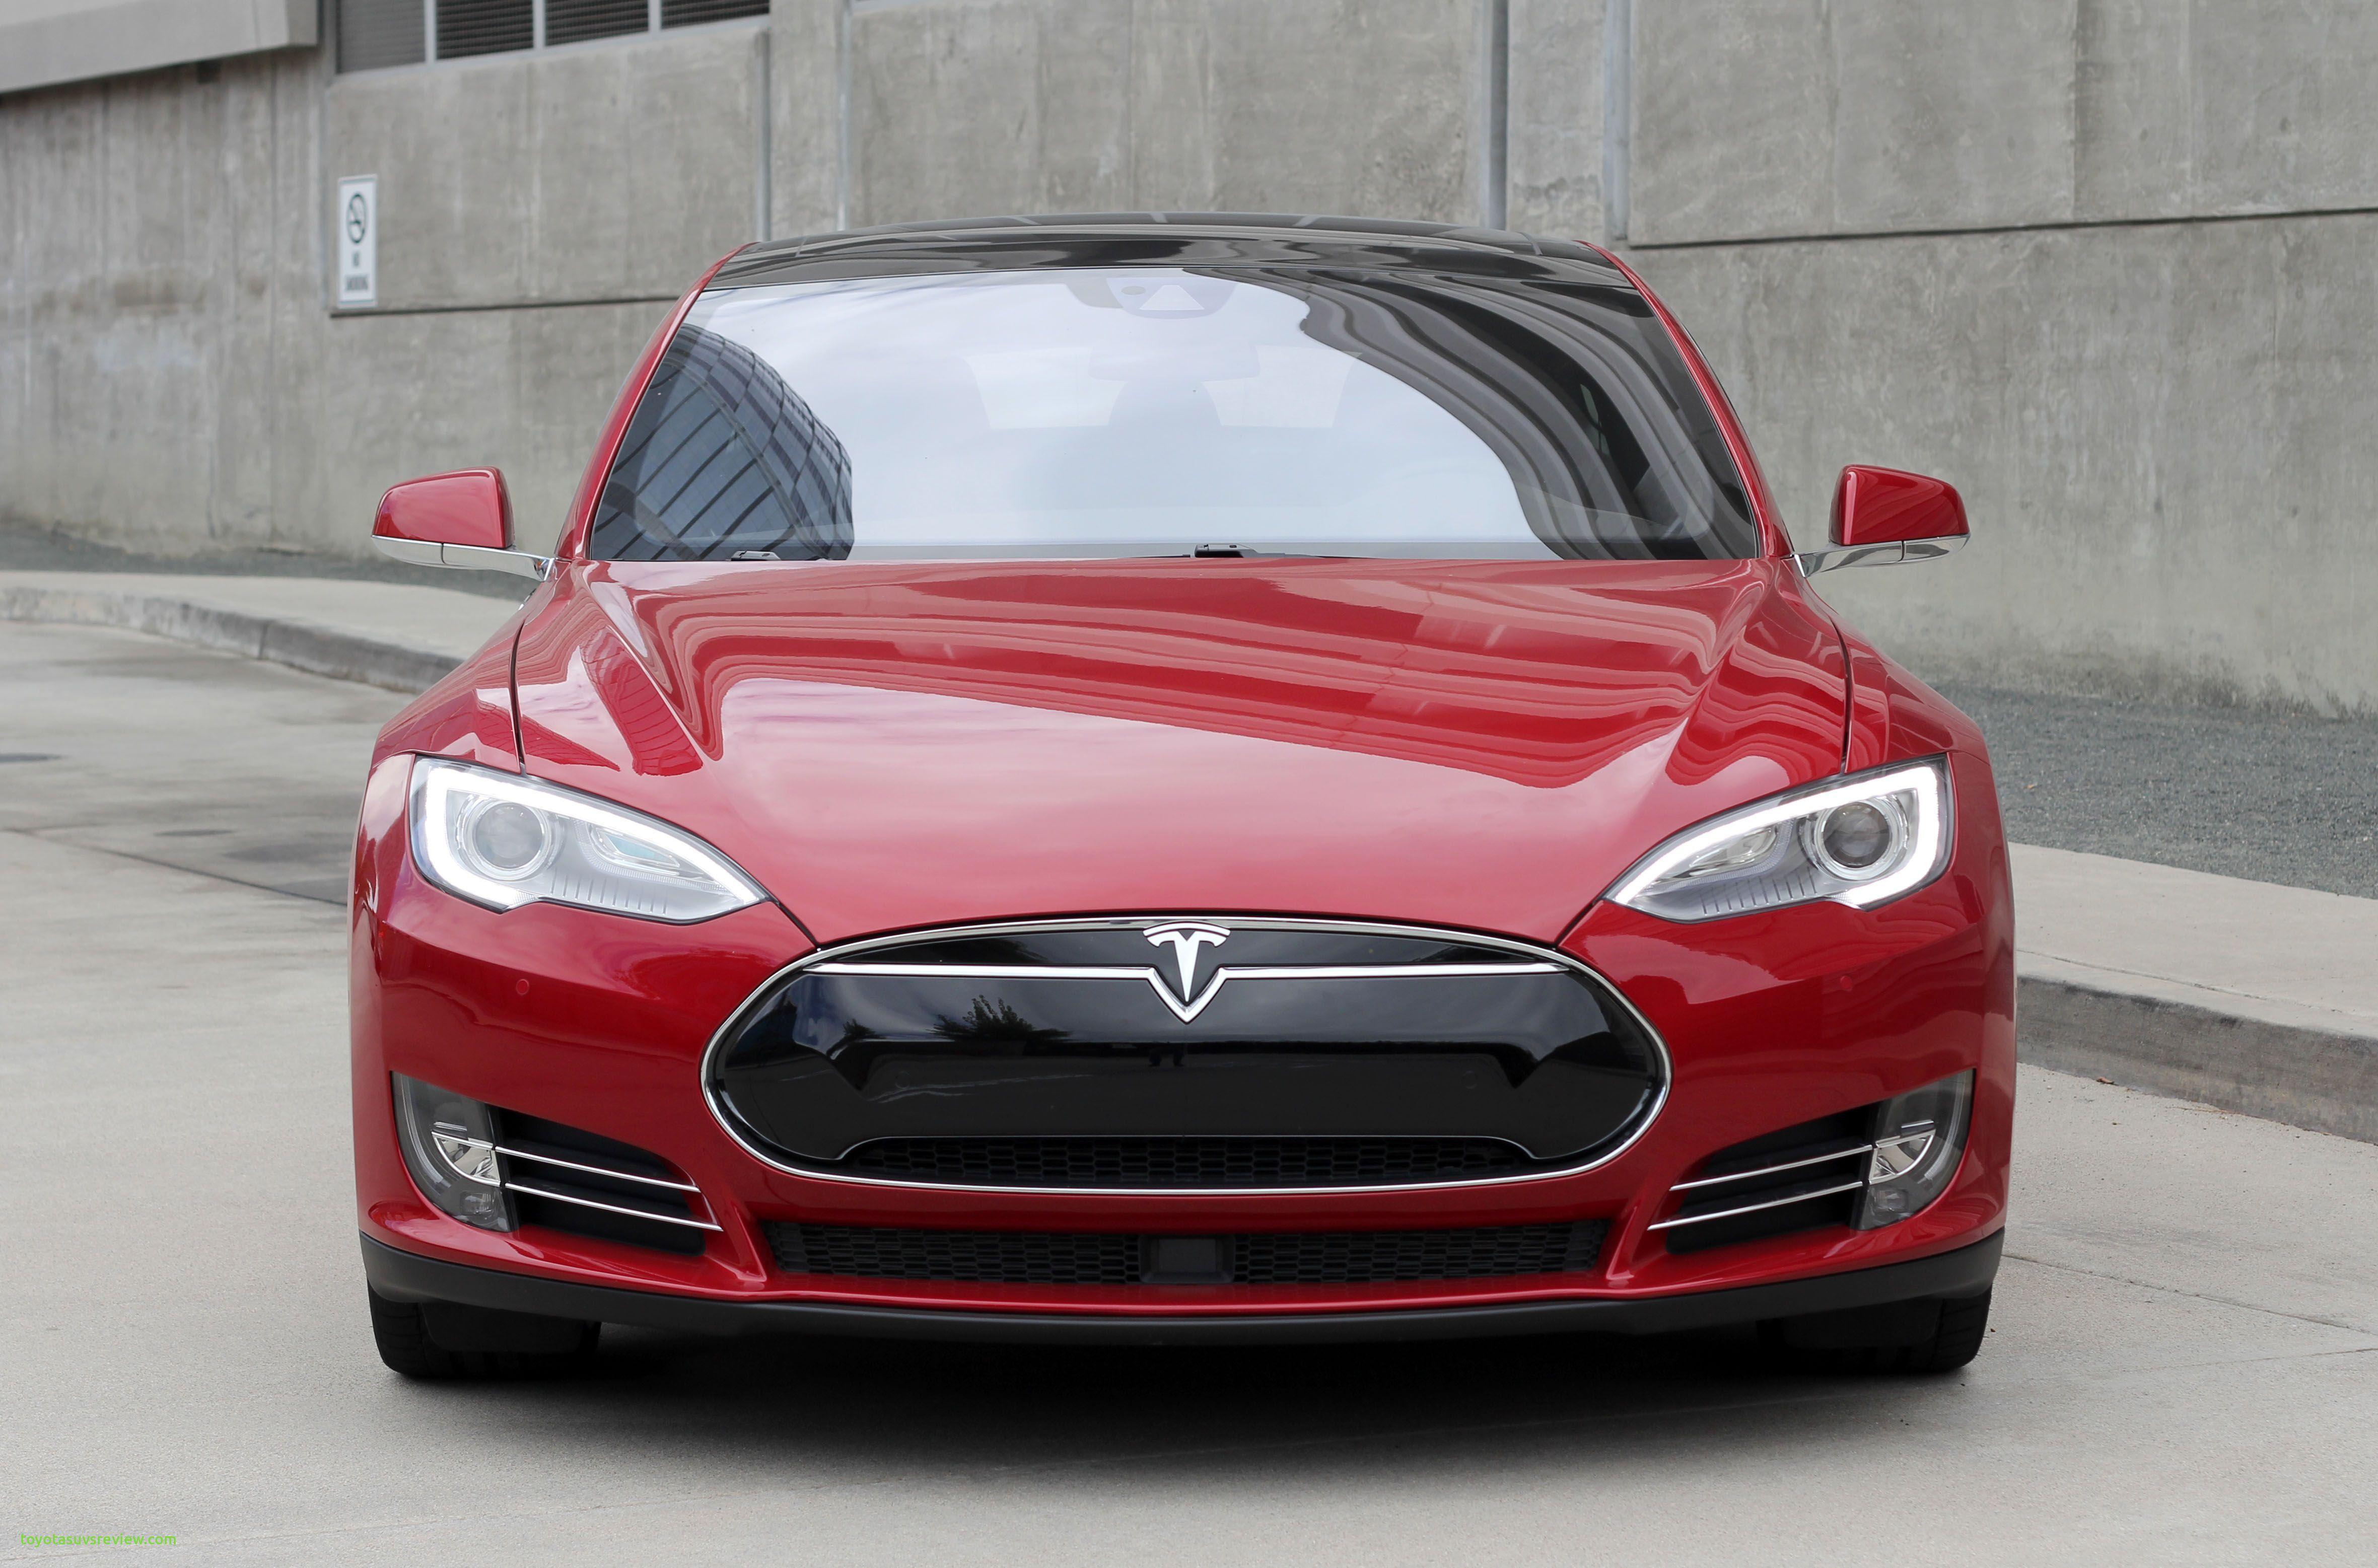 New Tesla Model Roadster Price, Tesla Model Roadster Price